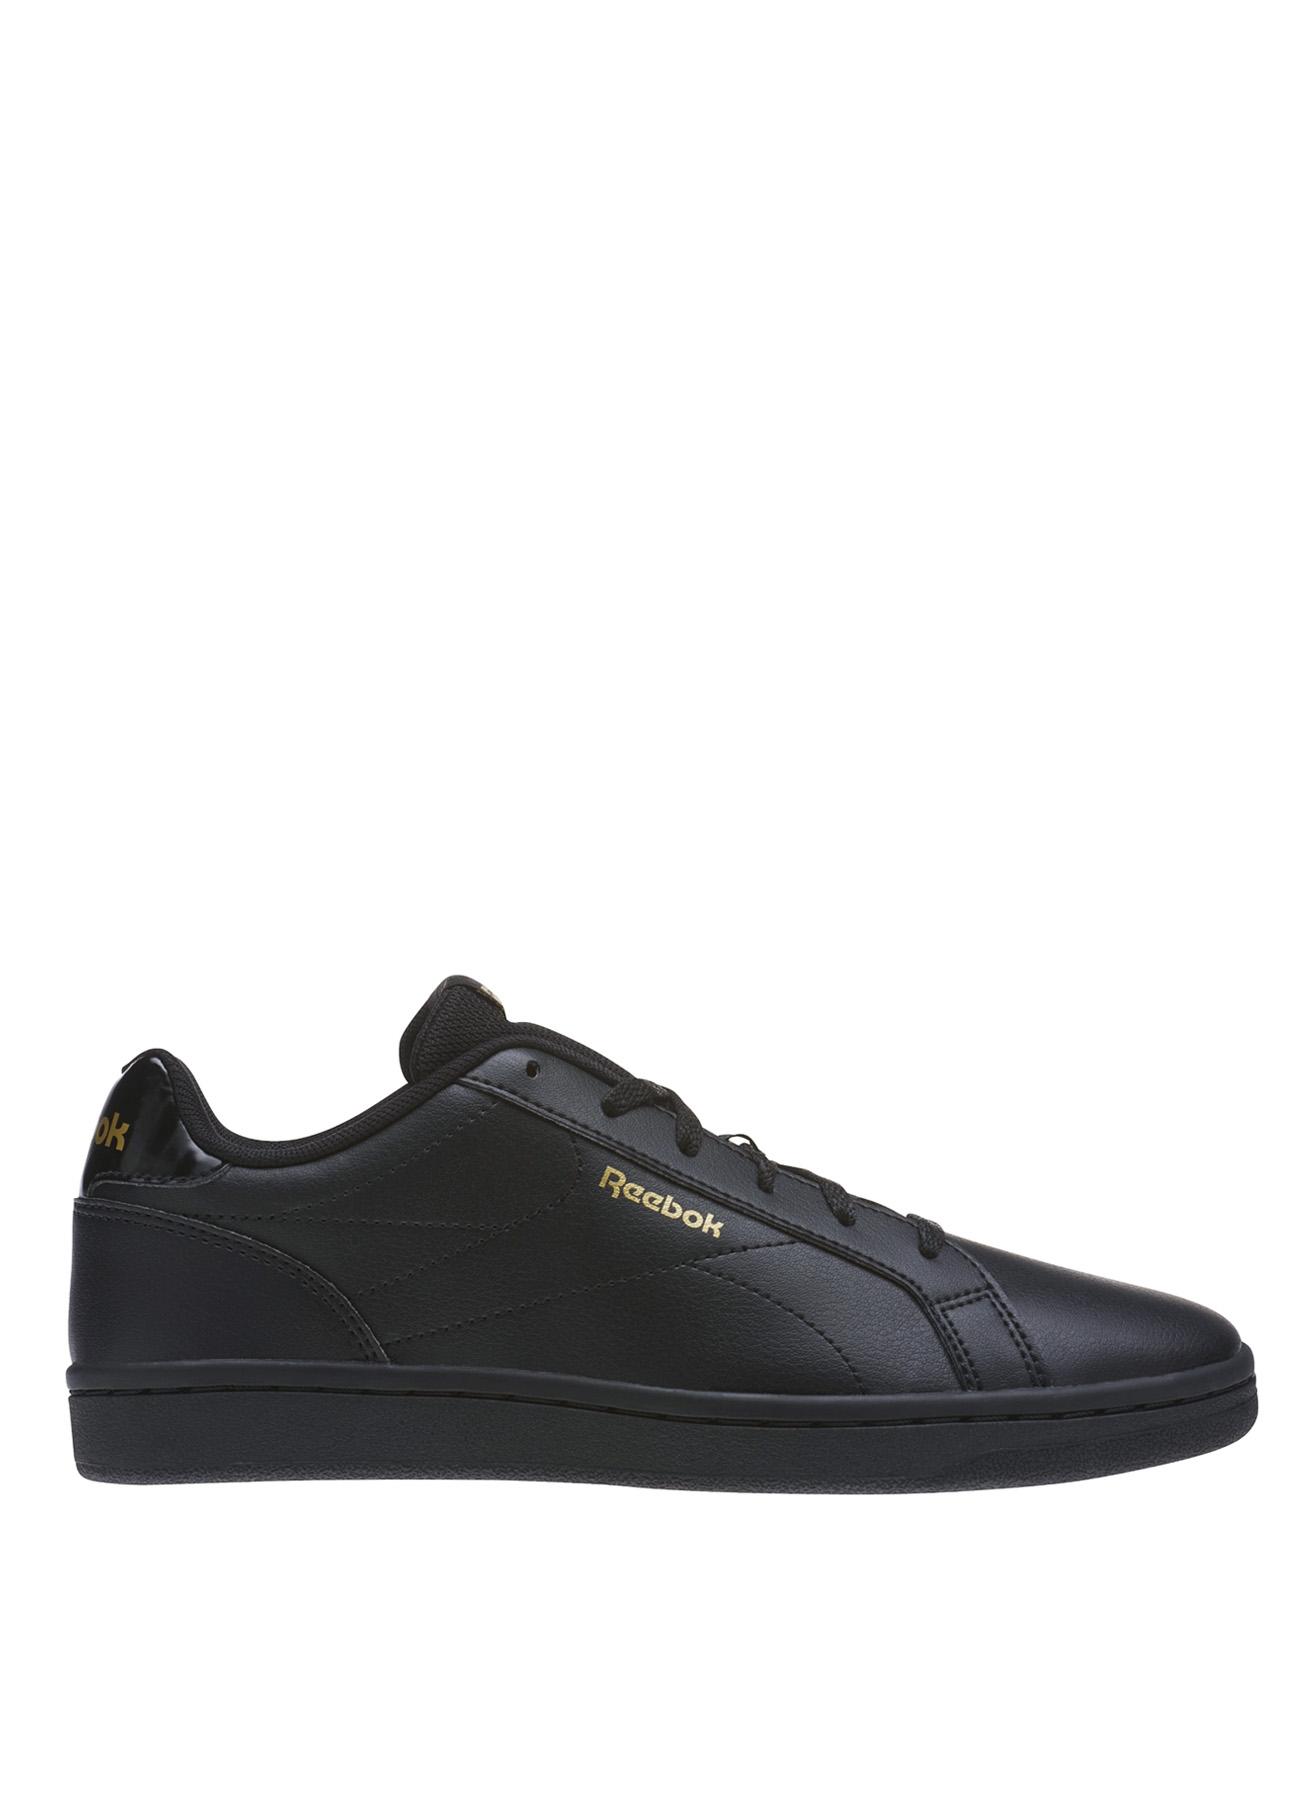 Reebok Royal Complete CLN Lifestyle Ayakkabı 38.5 5001633170005 Ürün Resmi